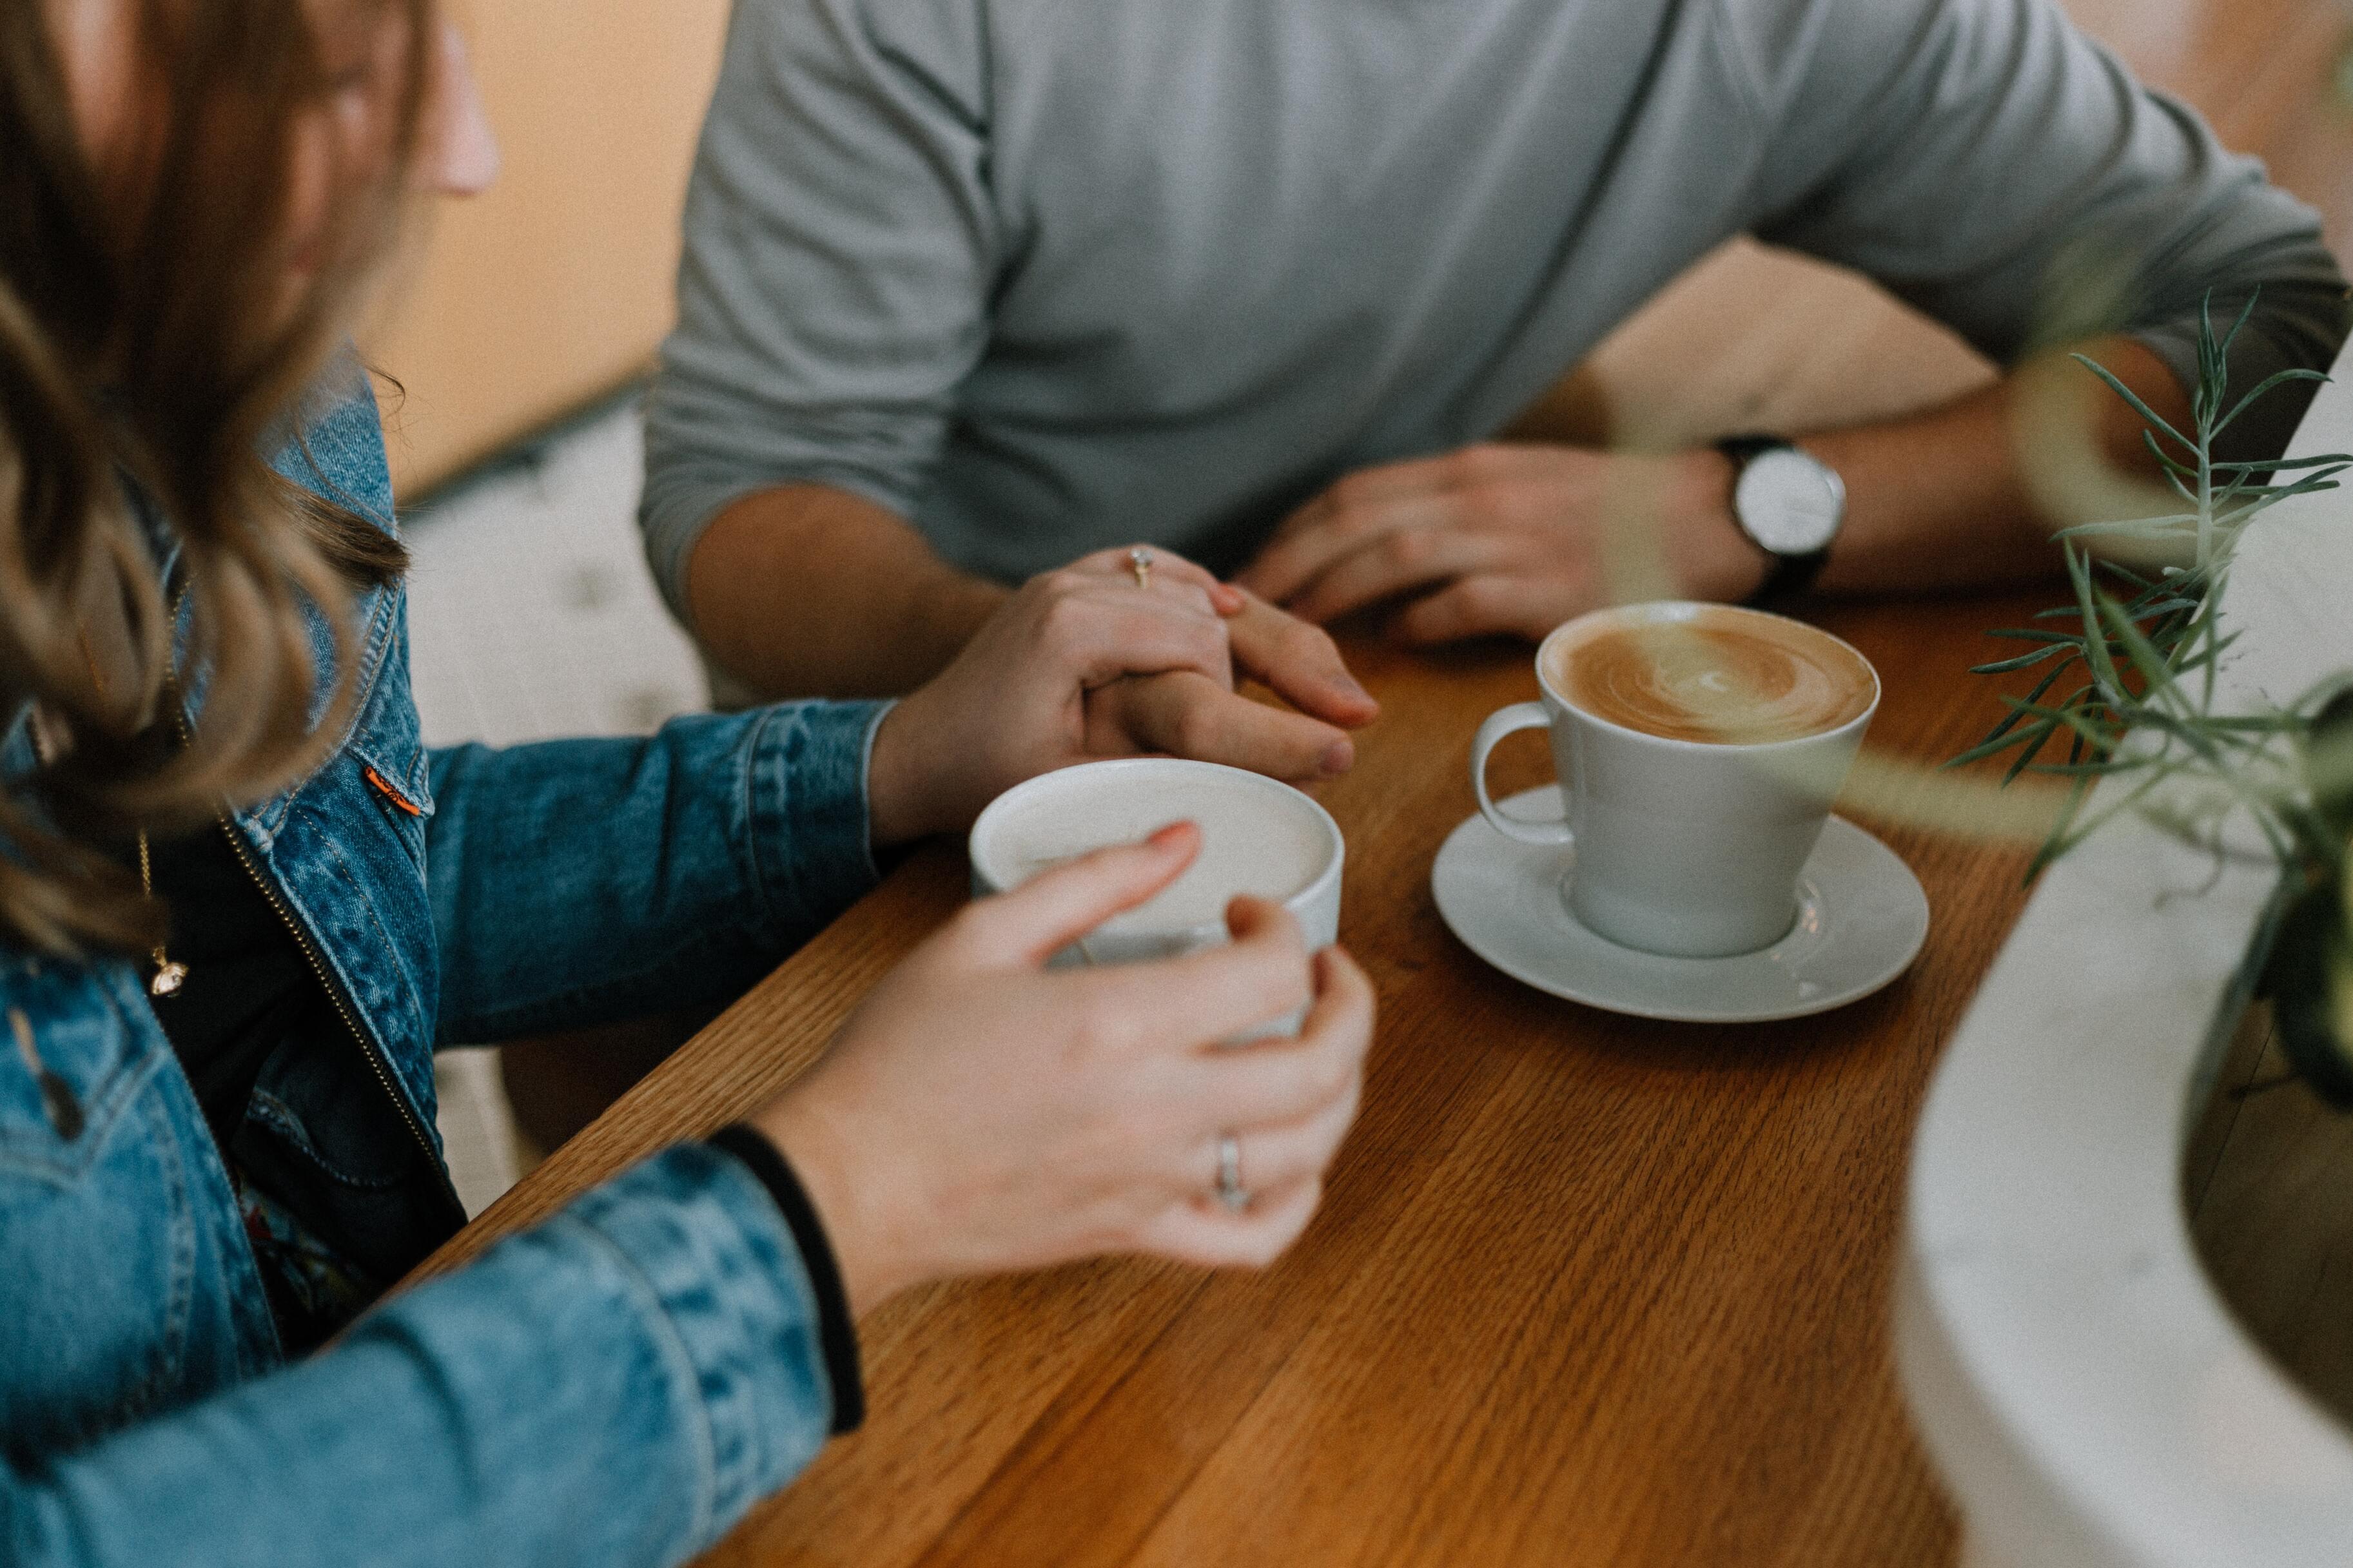 Учёные подсчитали, сколько любовных отношений начинаются с дружбы